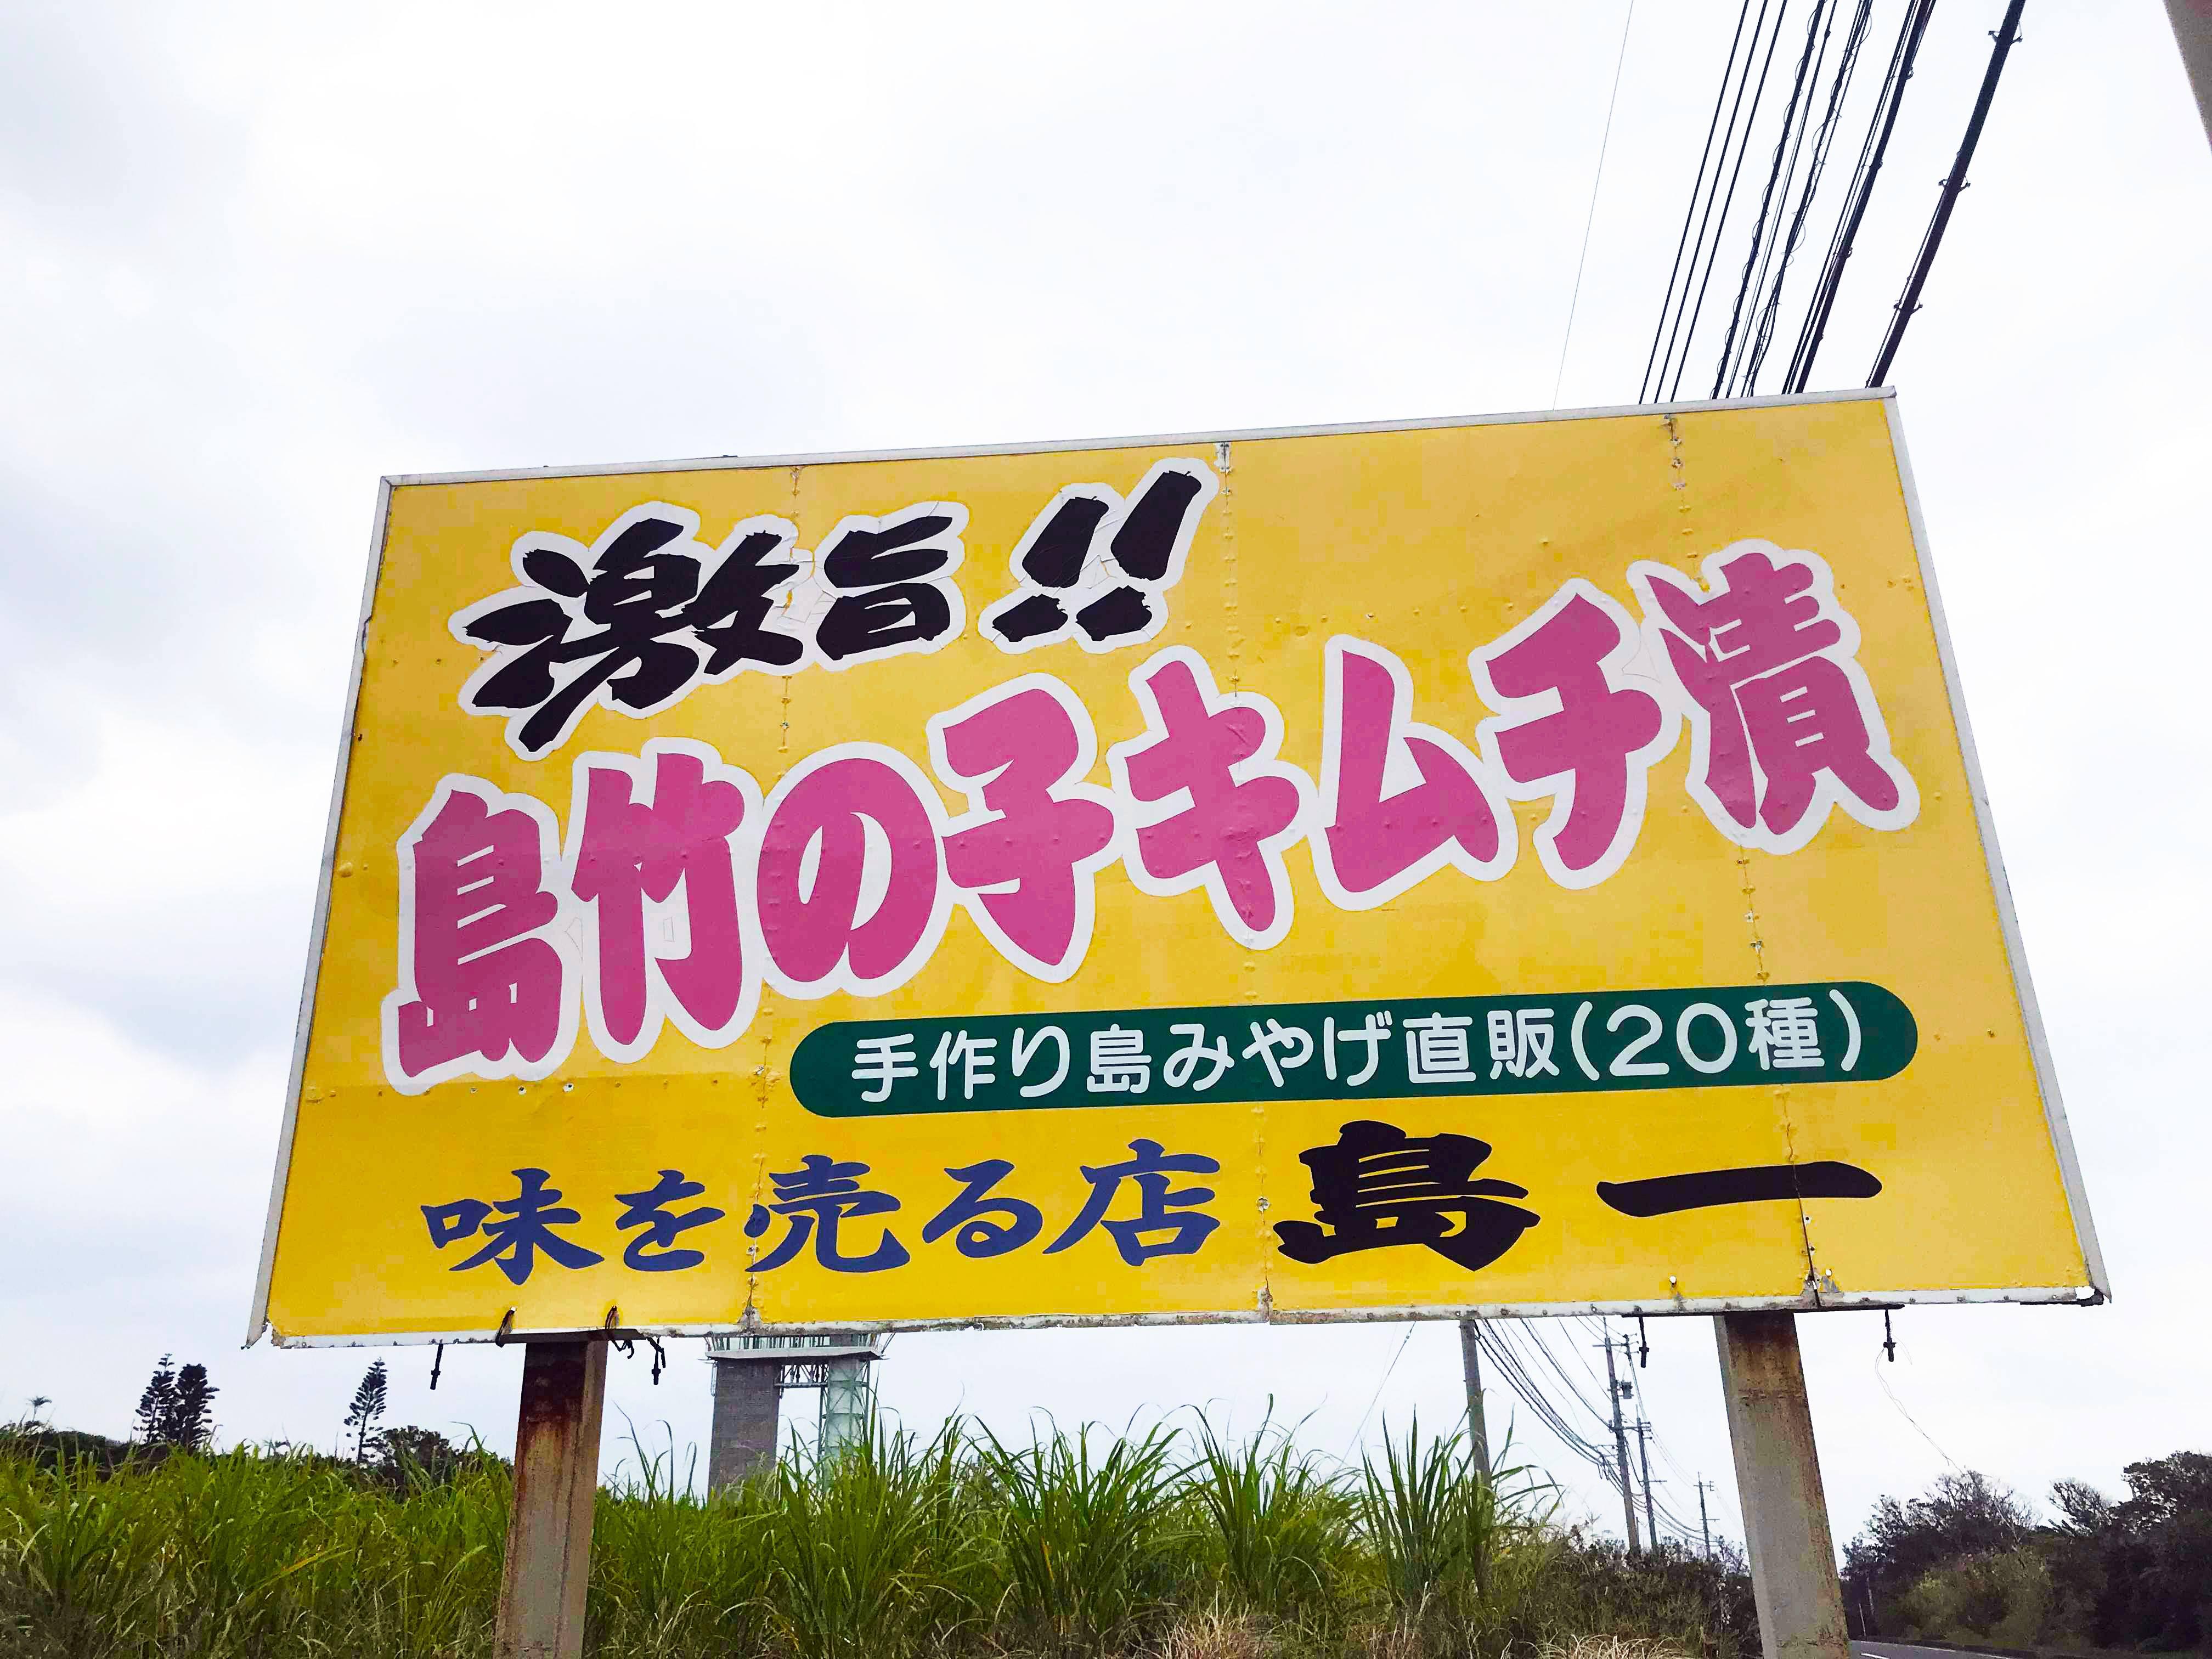 【パート・アルバイト】奄美の山や海の恵みの食材を活用し、幸せを美味しいものを開発する「島一」で働きませんか?